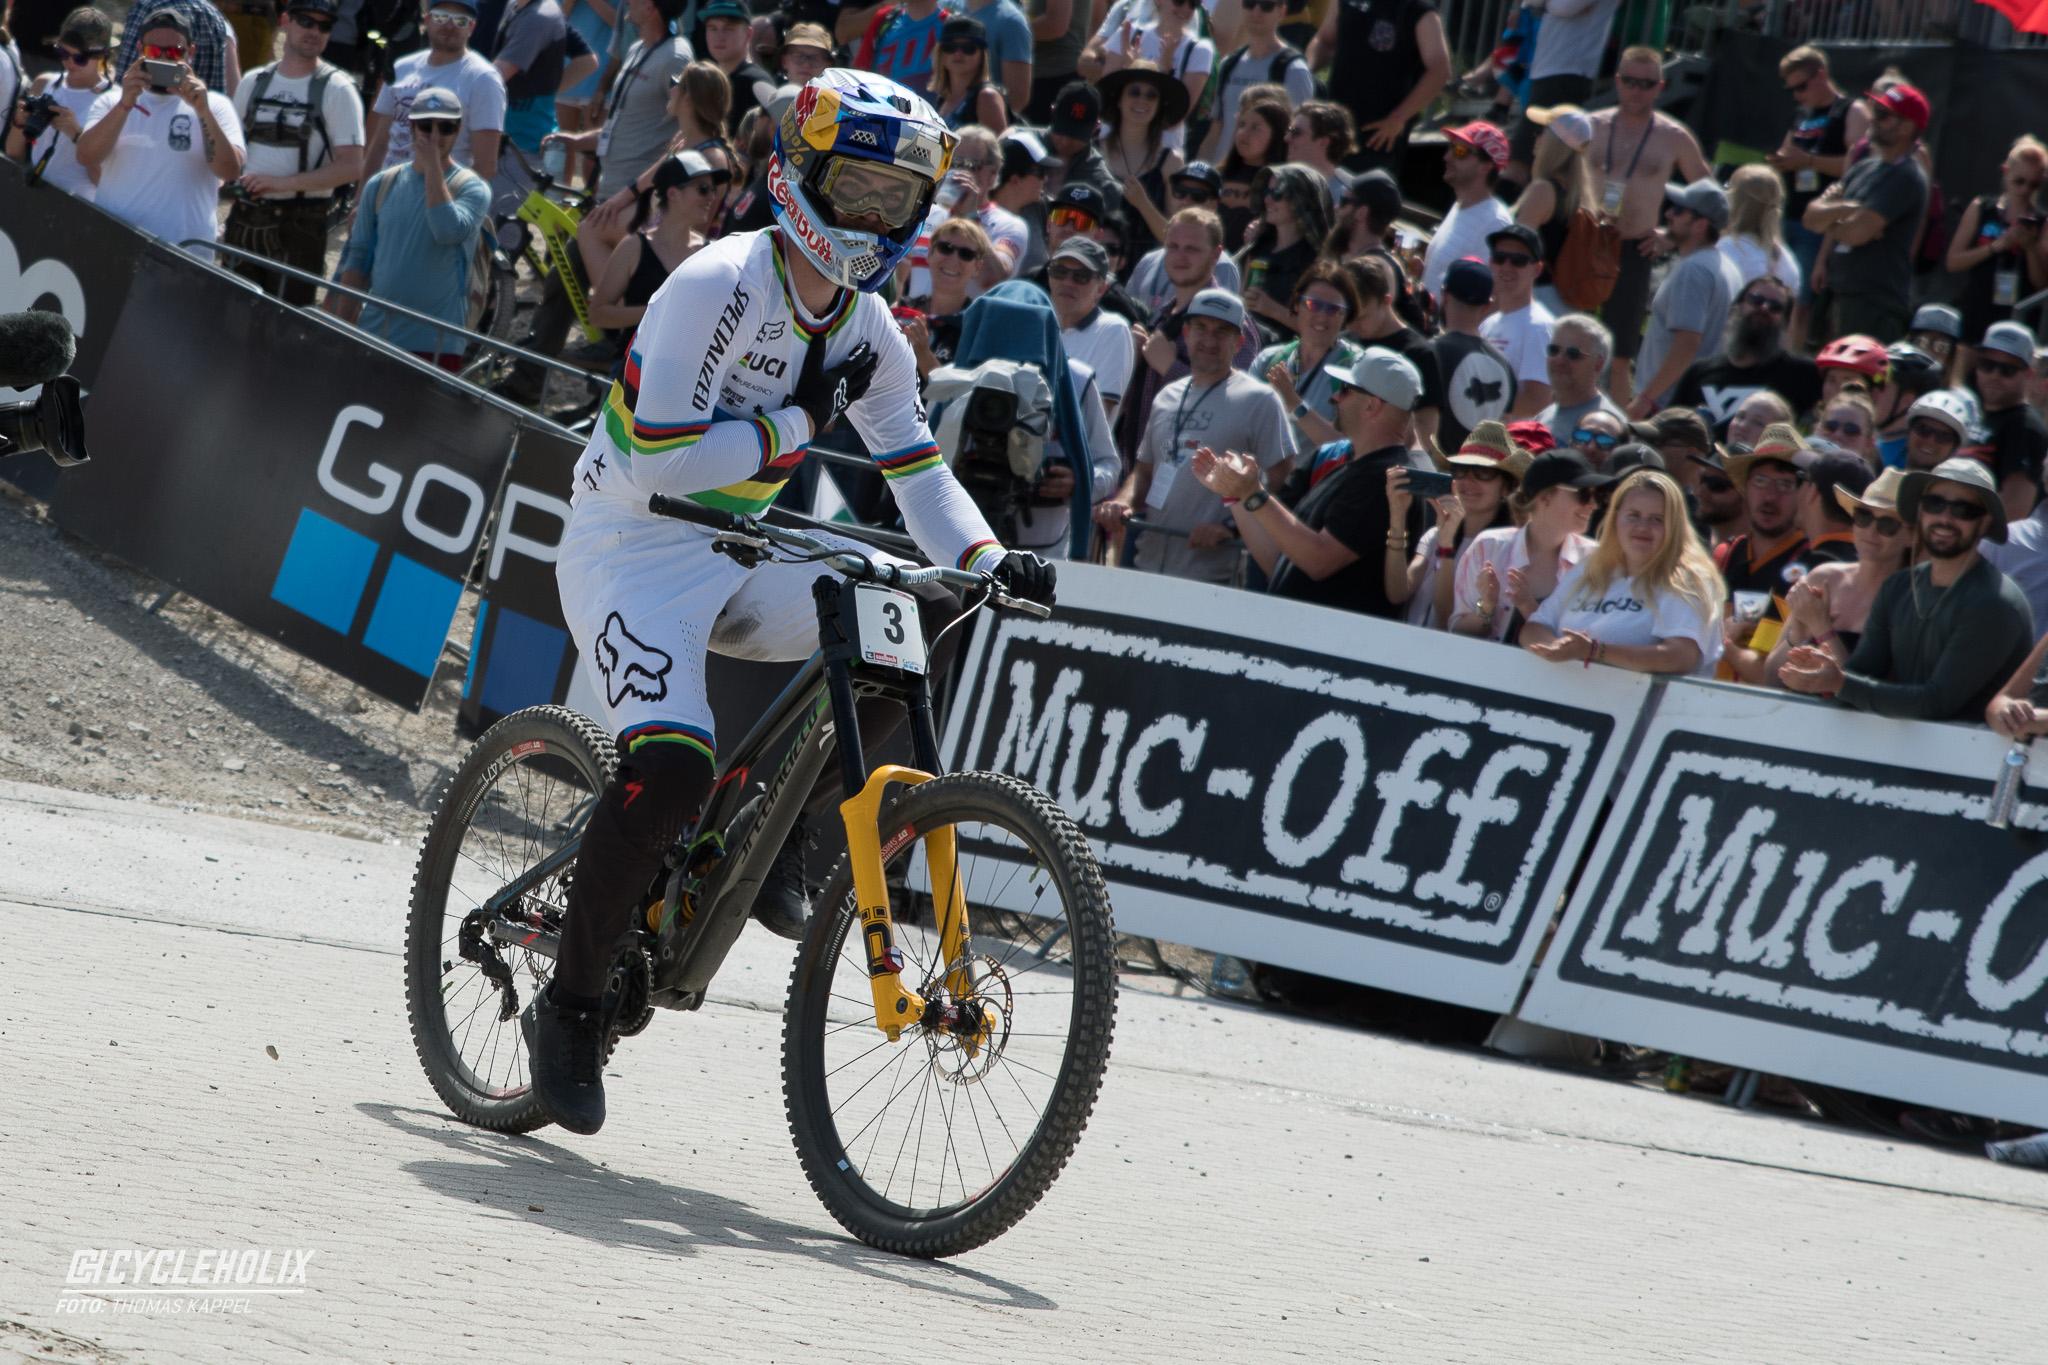 2019 Downhill Worldcup Leogang Ziel 12